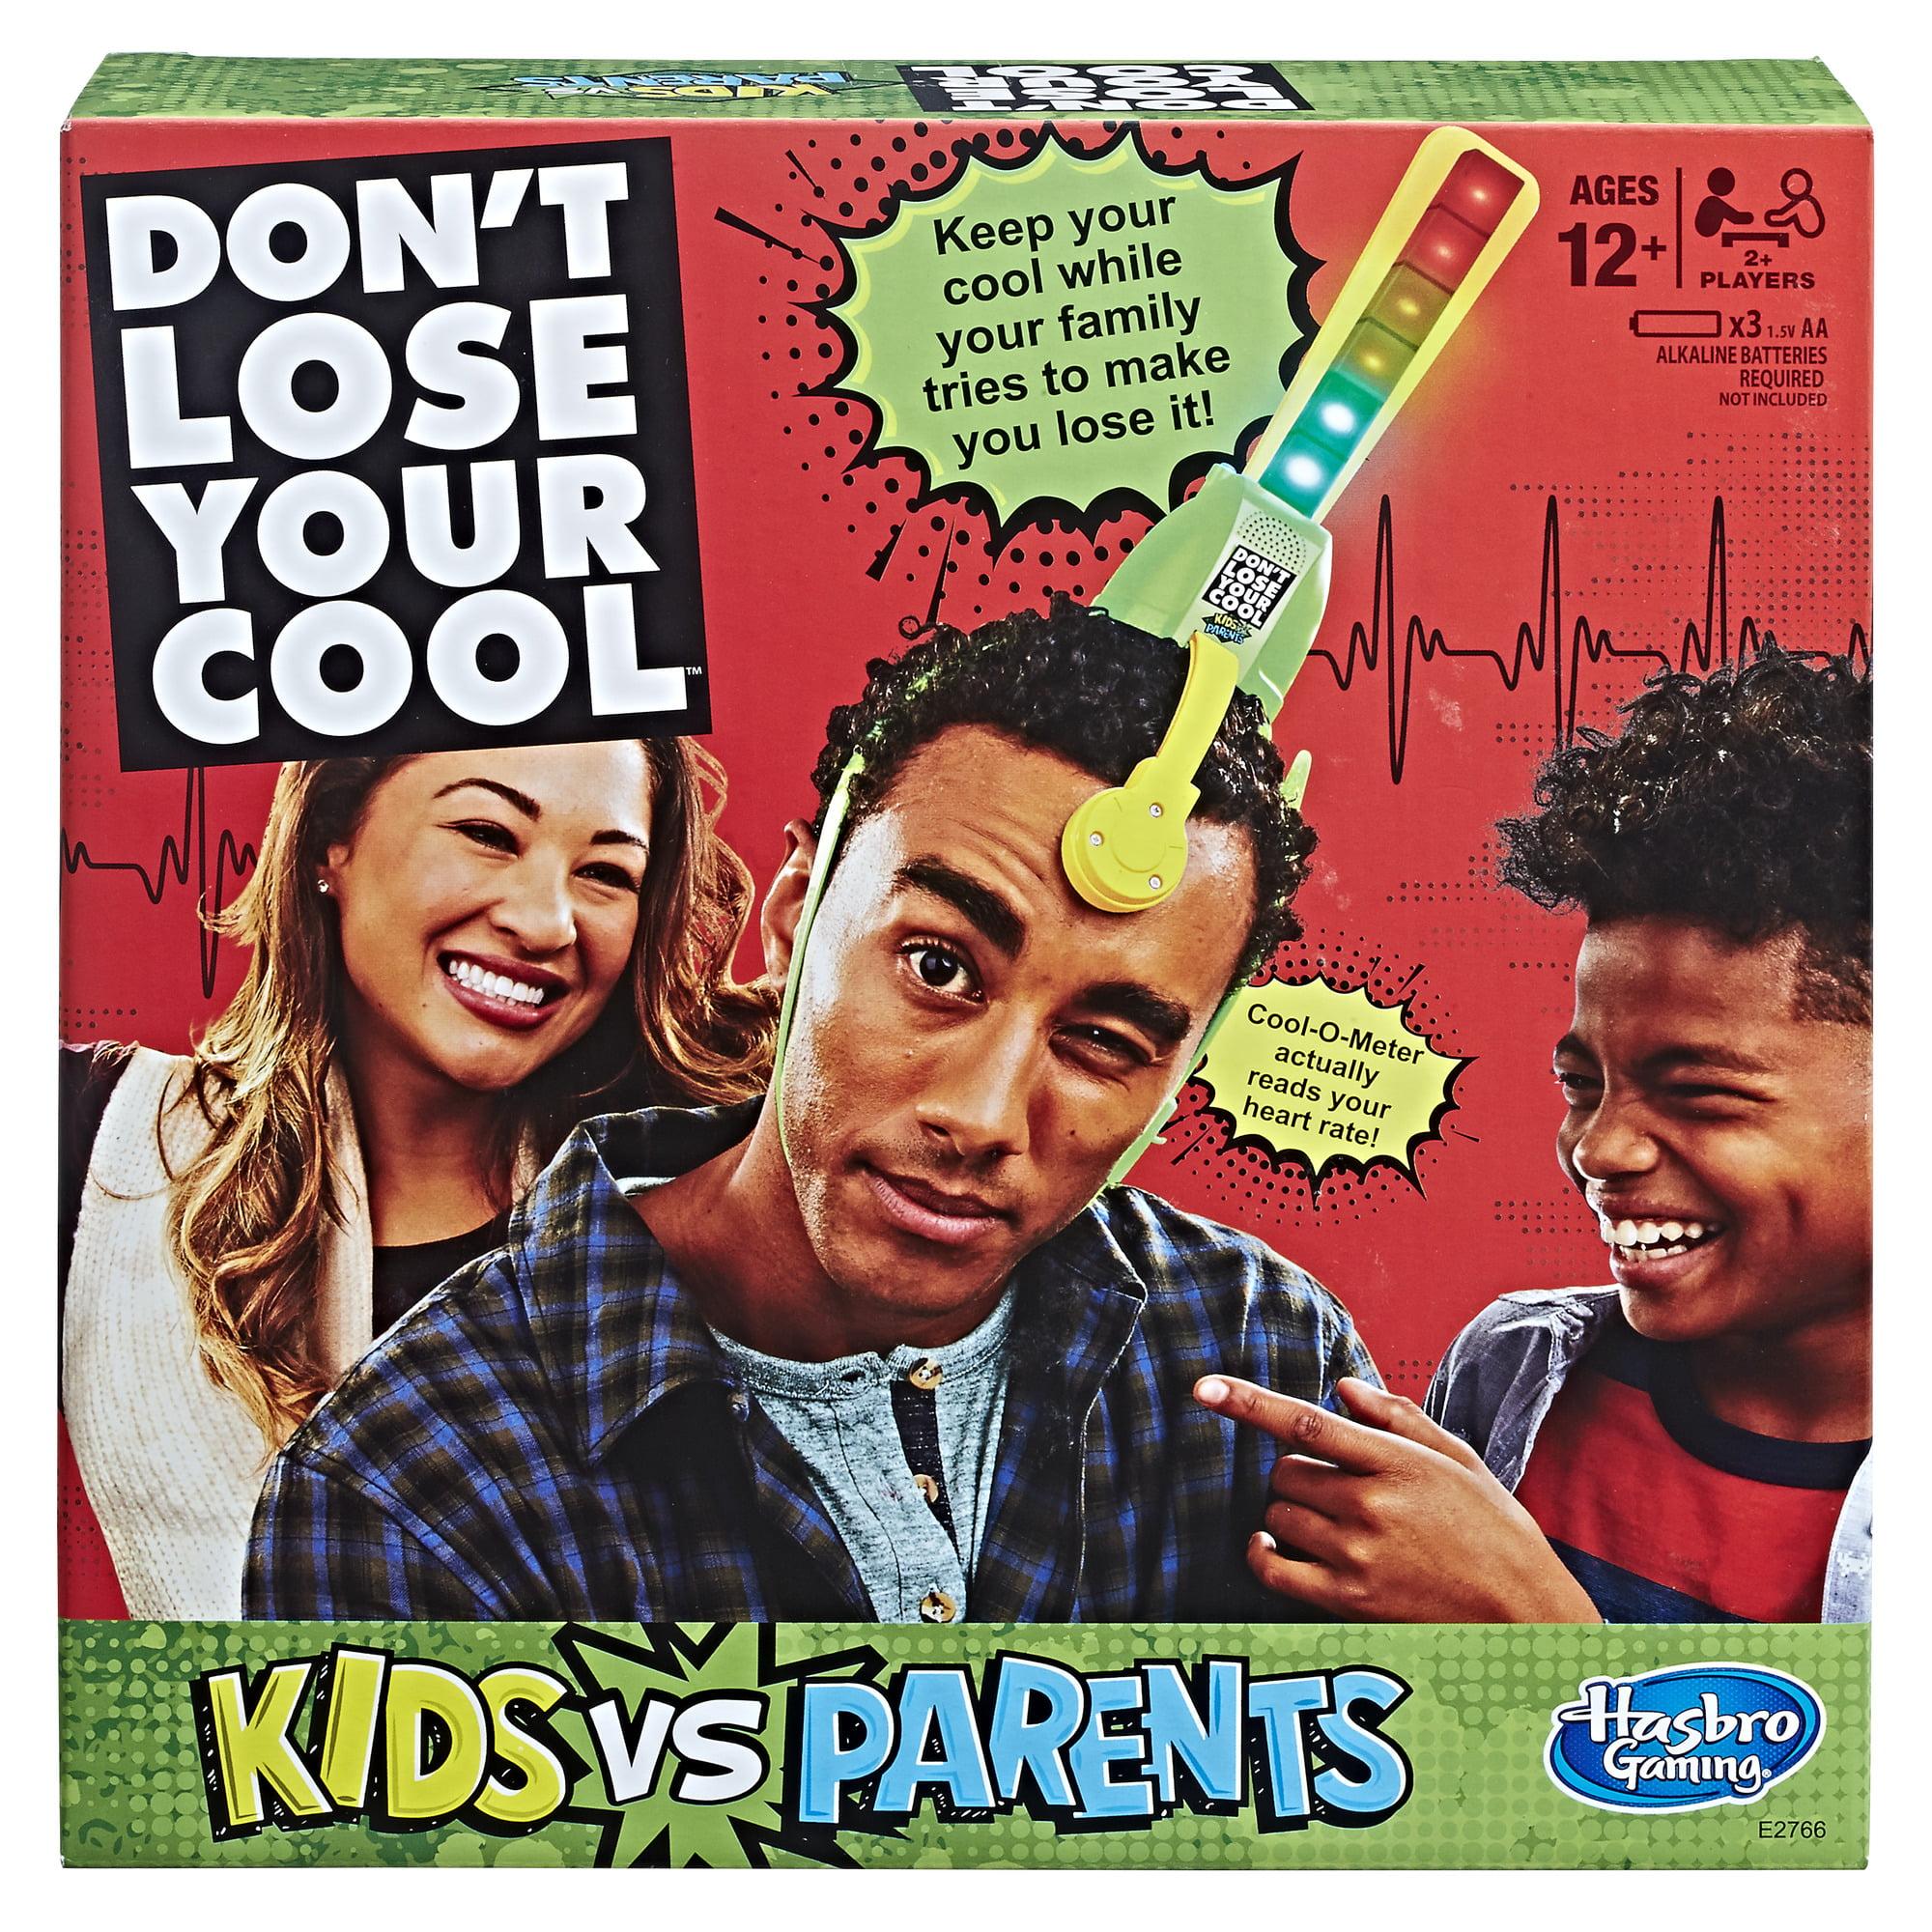 Don't Lose Your Cool Kids vs. Parents - Walmart Exclusive